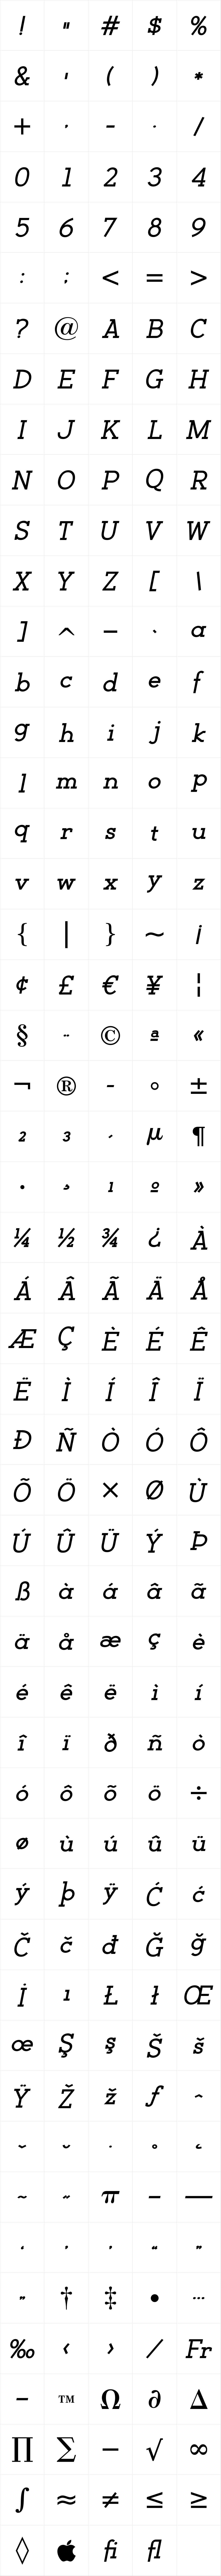 Backtalk Serif BTN Bold Oblique